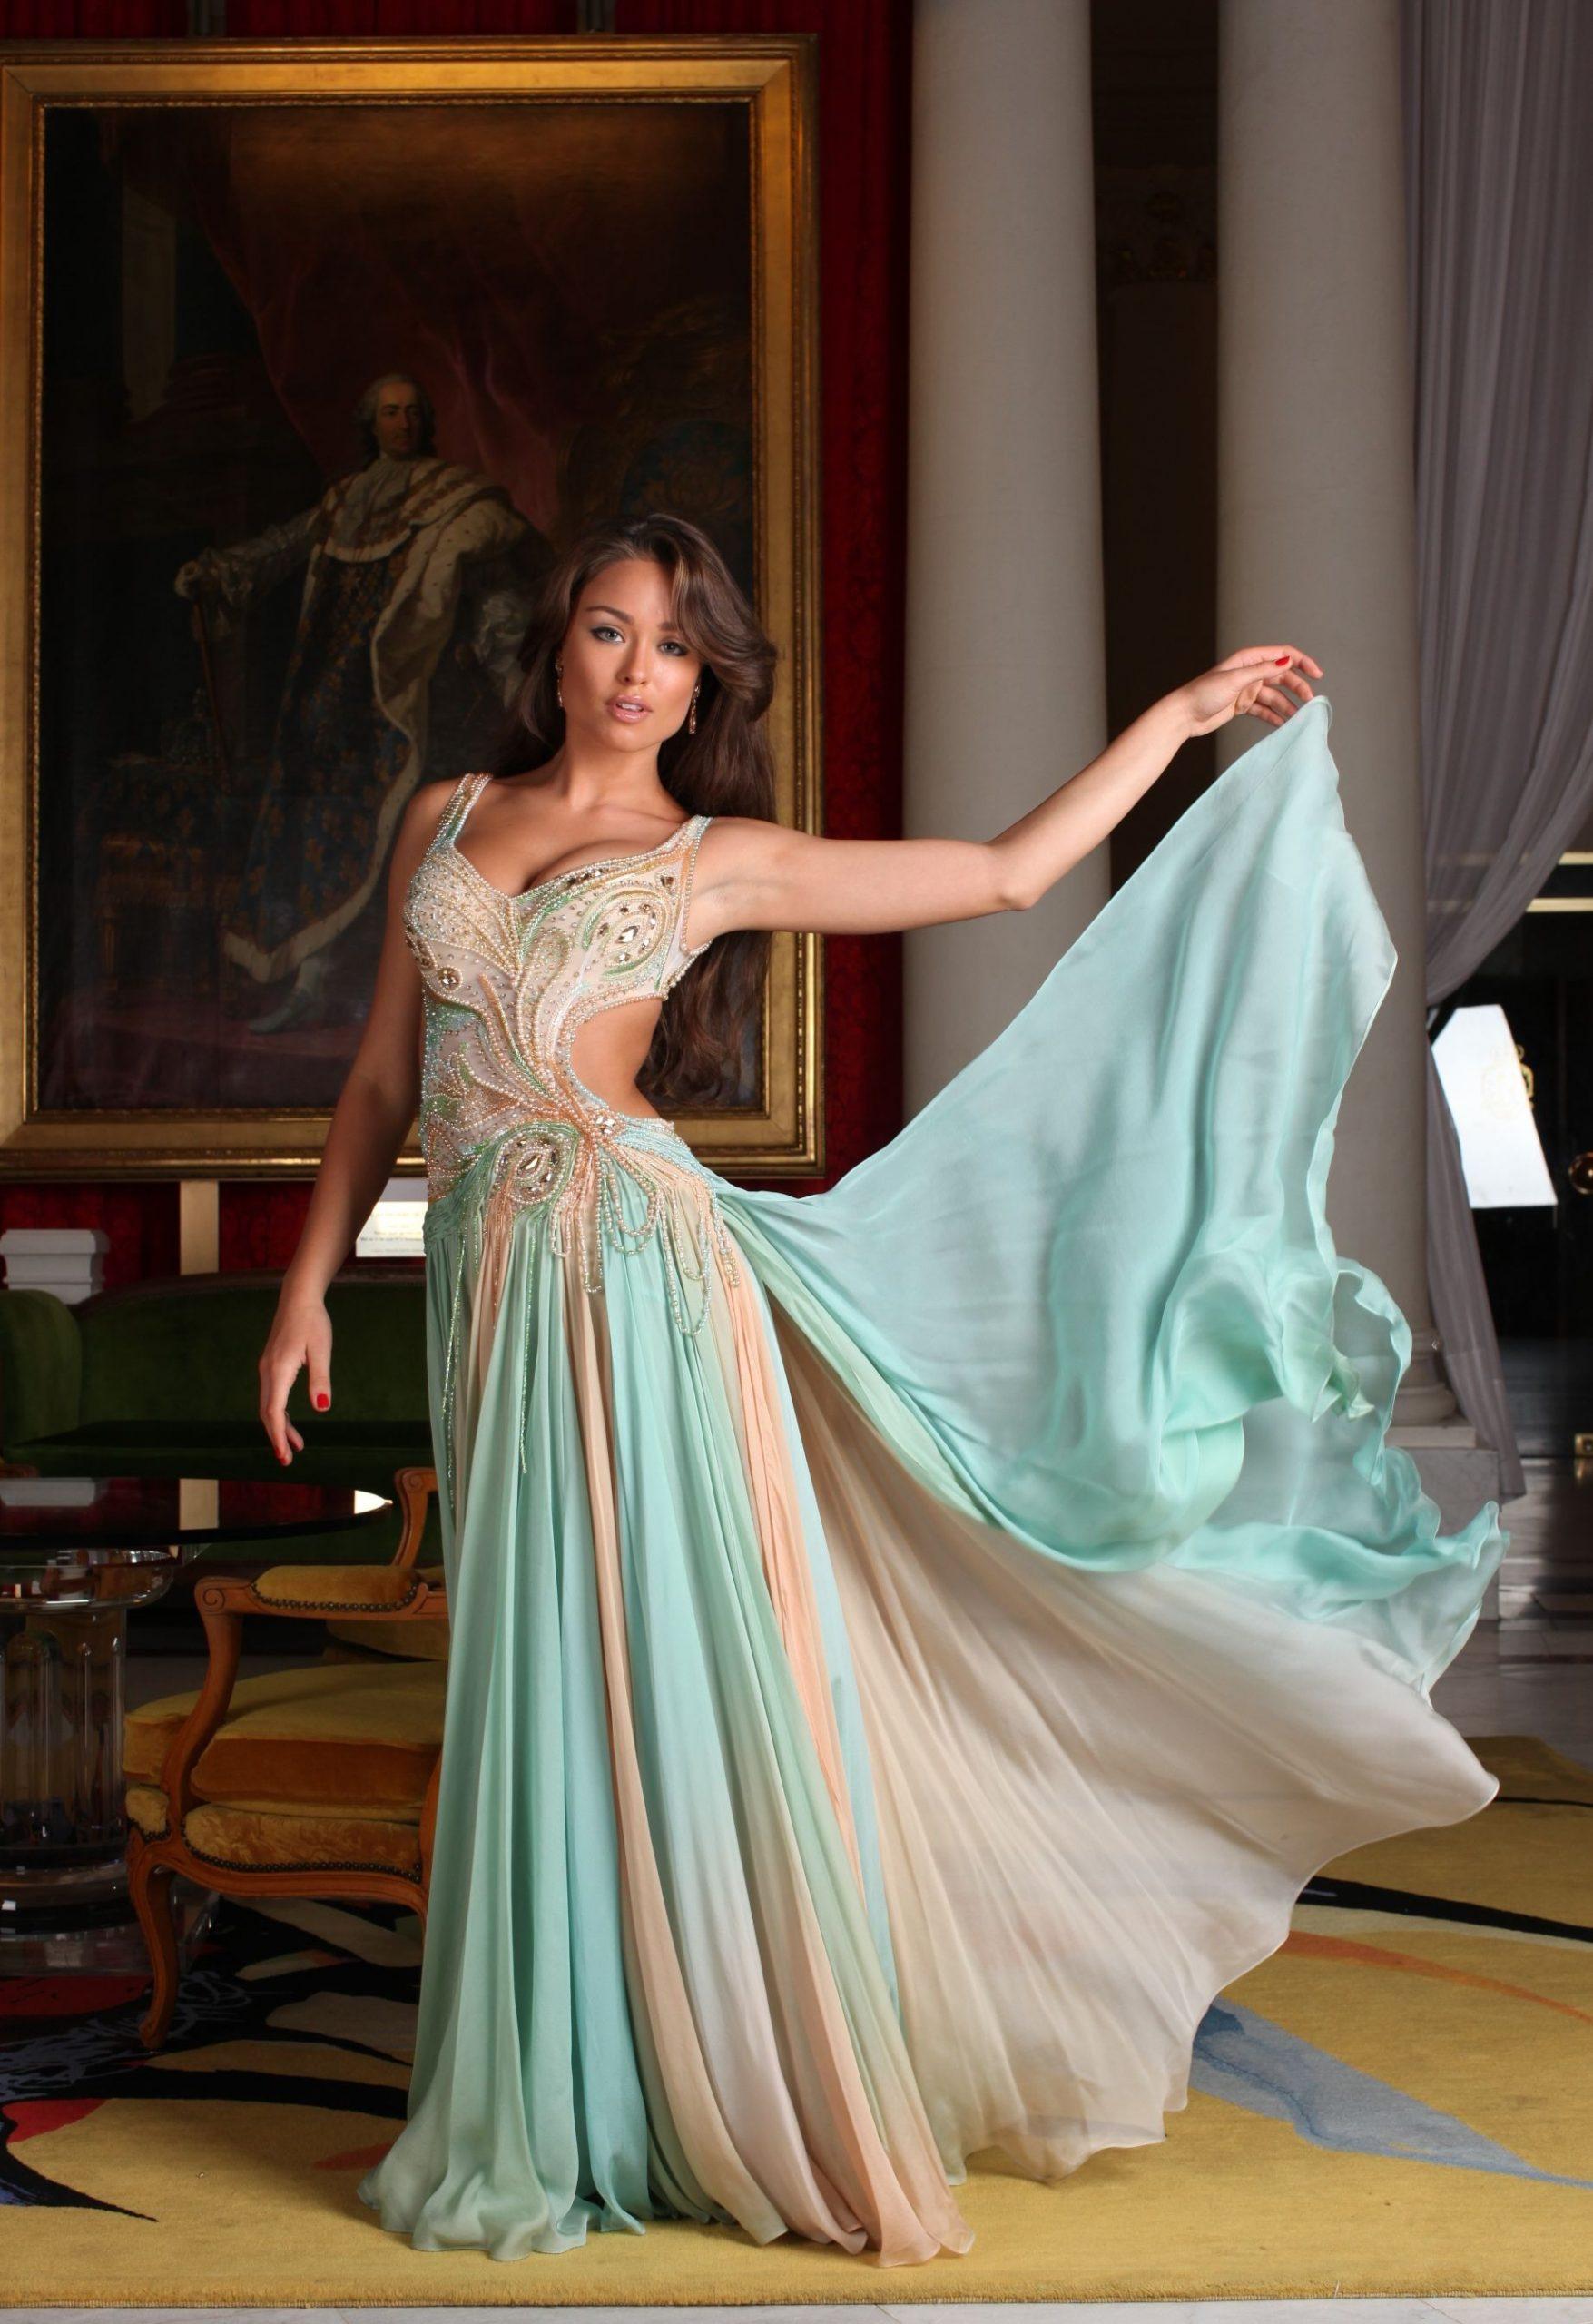 Leicht Abendkleider In Wien Bester Preis13 Schön Abendkleider In Wien Stylish